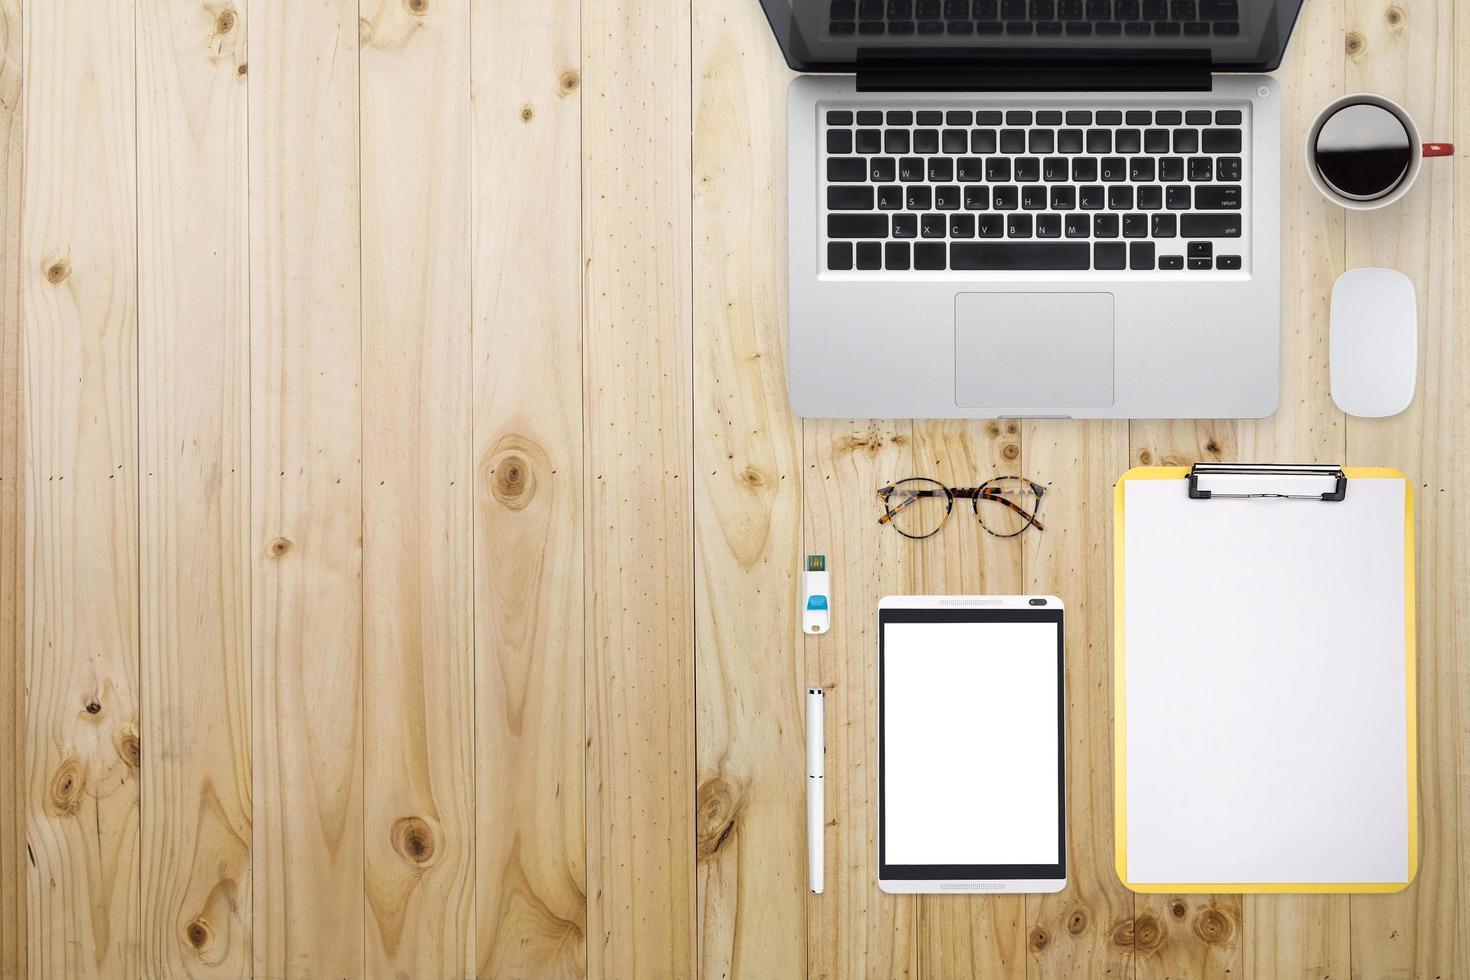 colocar imagen plana de equipos de oficina en funcionamiento foto